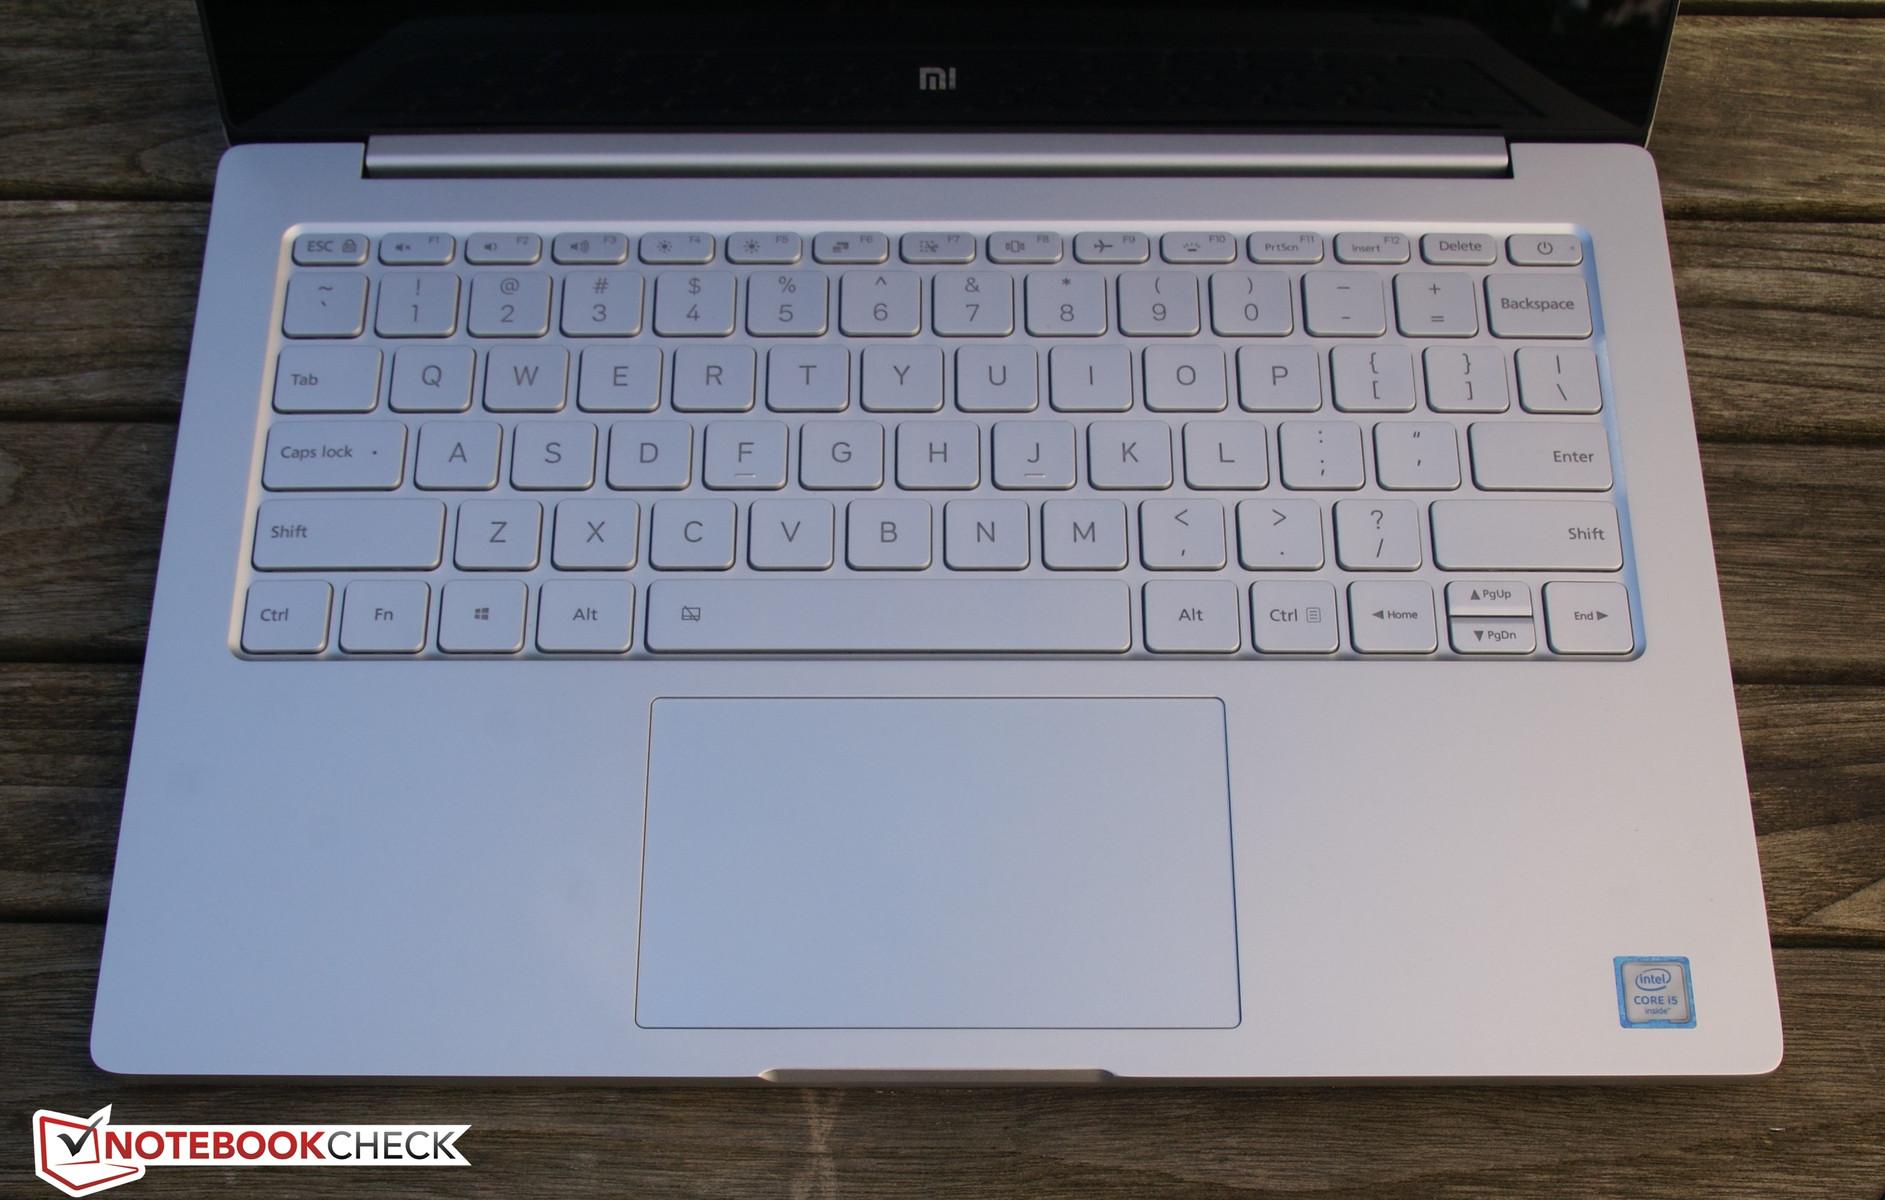 xiaomi-mi-air-vs-dell-xps-13-9360-vs-apple-macbook-pro-13-2016-600-16